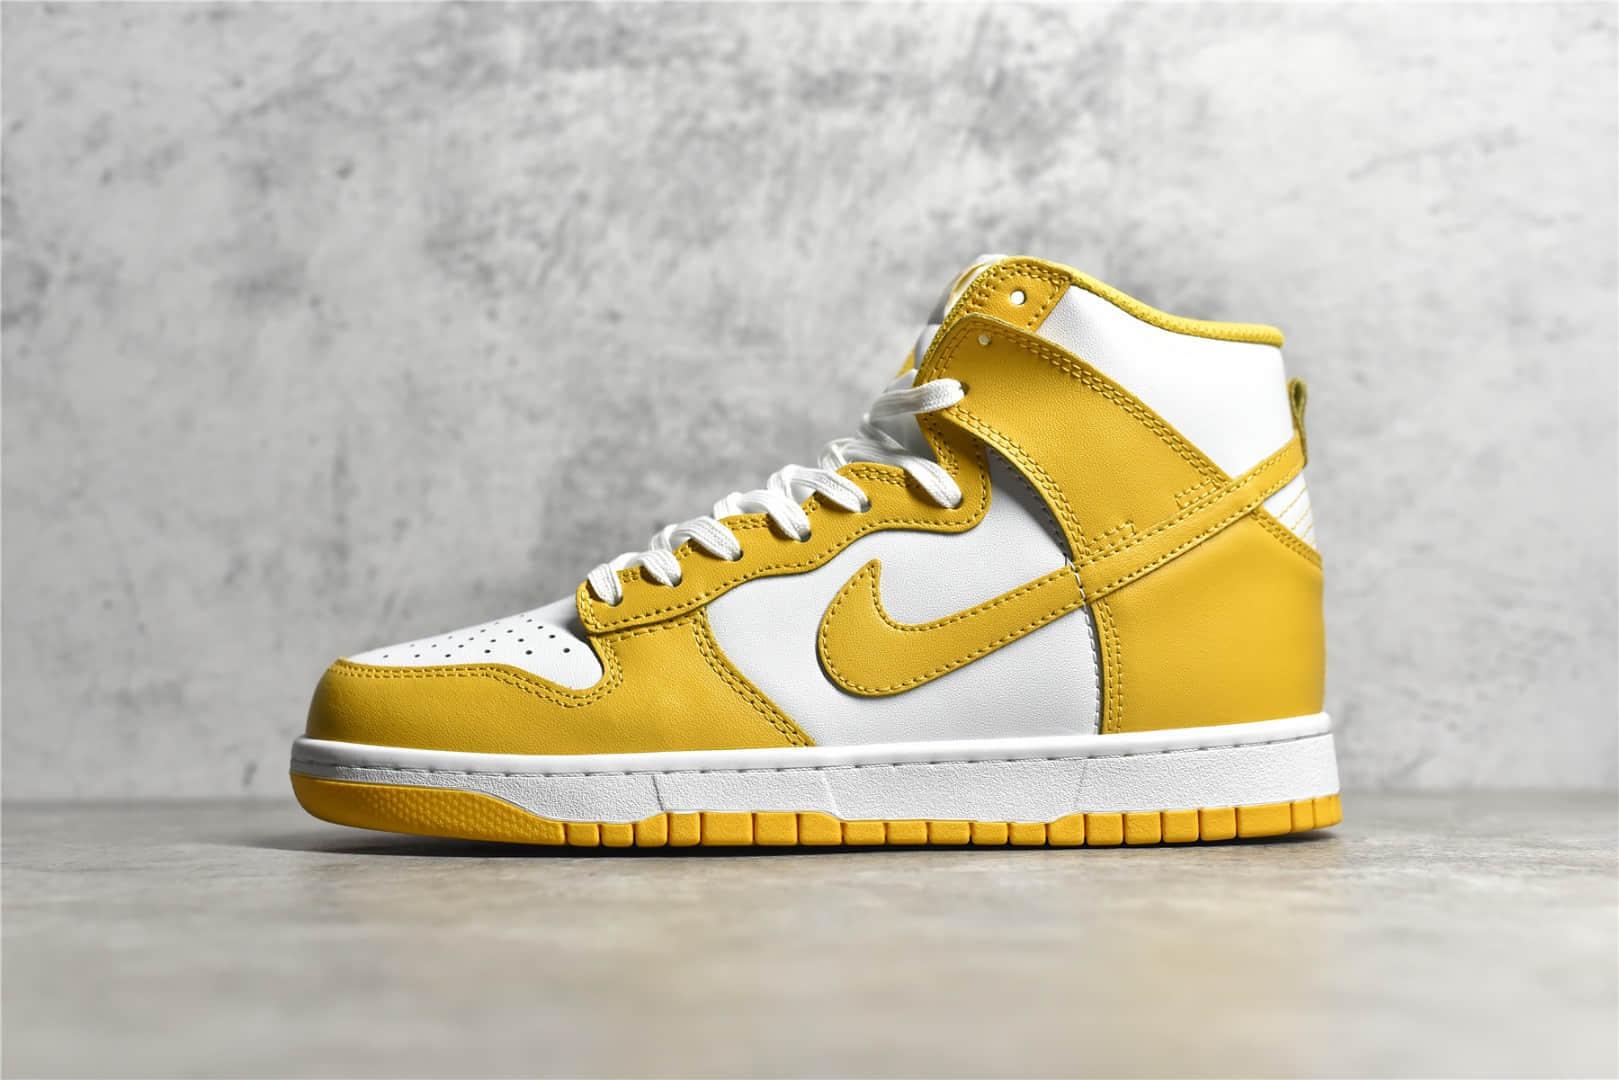 耐克SB Dunk白黄高帮板鞋 Nike SB Dunk High 耐克纯原版本 莆田耐克Dunk复刻 货号:DD1869-106-潮流者之家